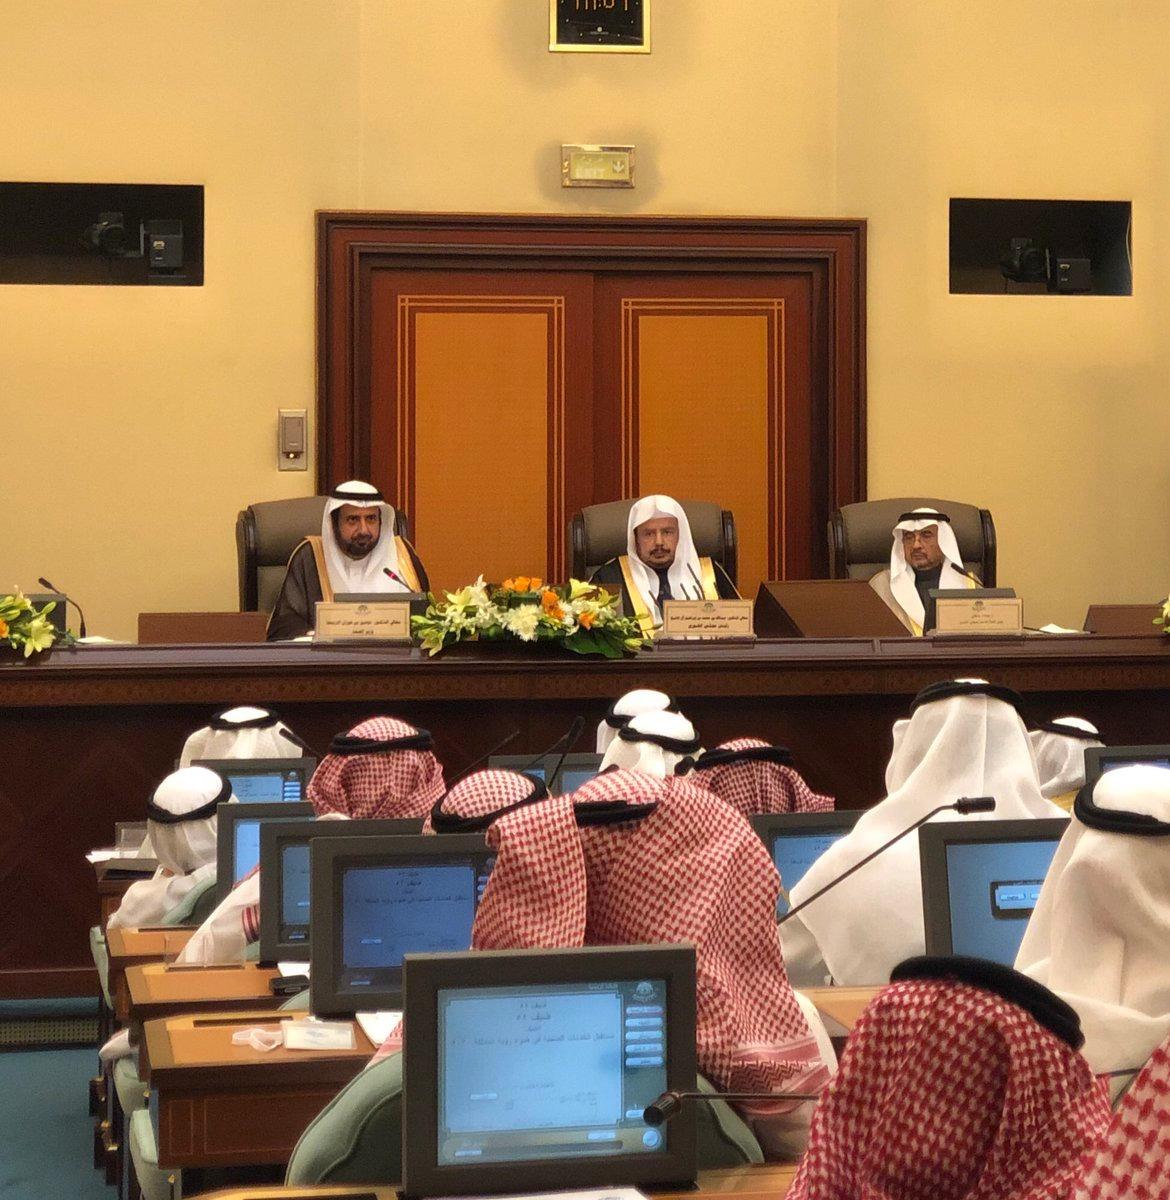 وزير الصحة: تم إجراء 10 ملایین عملیة حجز استفاد منھا 5 ملایین شخص و التحول الوطني للقطاع الصحي ضرورة وليس خيارا